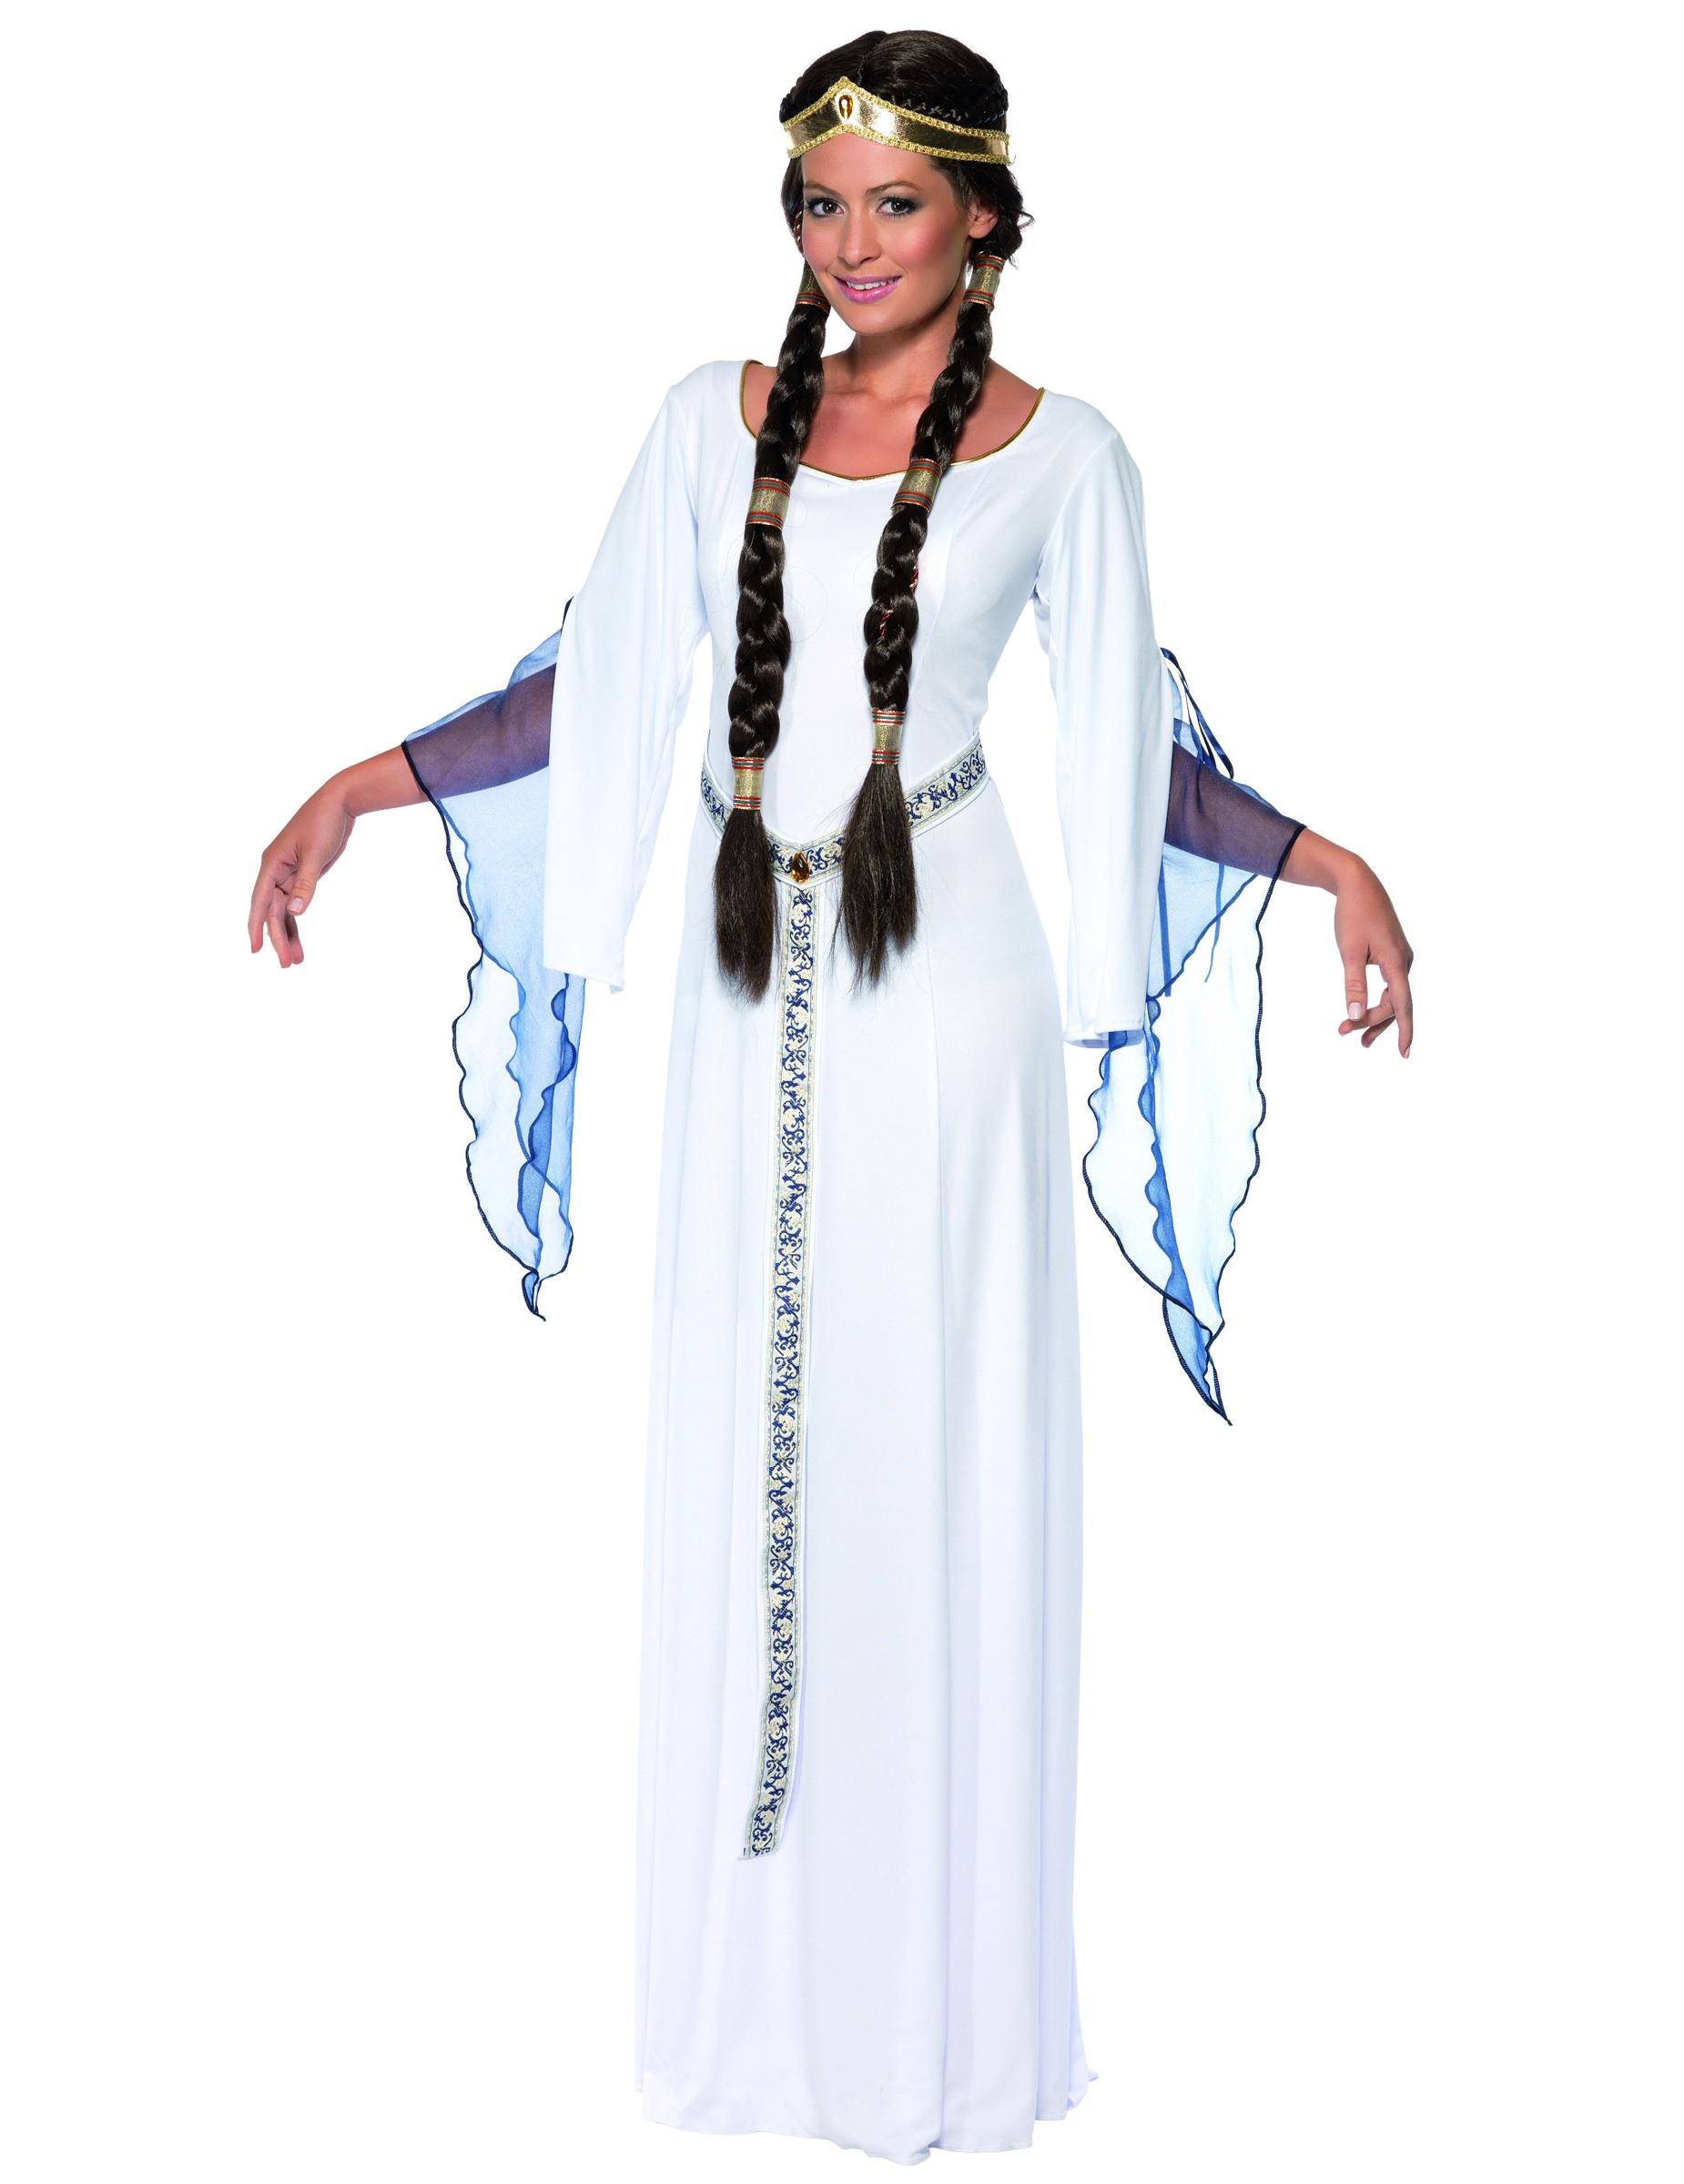 Belles robes blog robe moyen age femme pas cher - Fournitures beaux arts pas cher ...